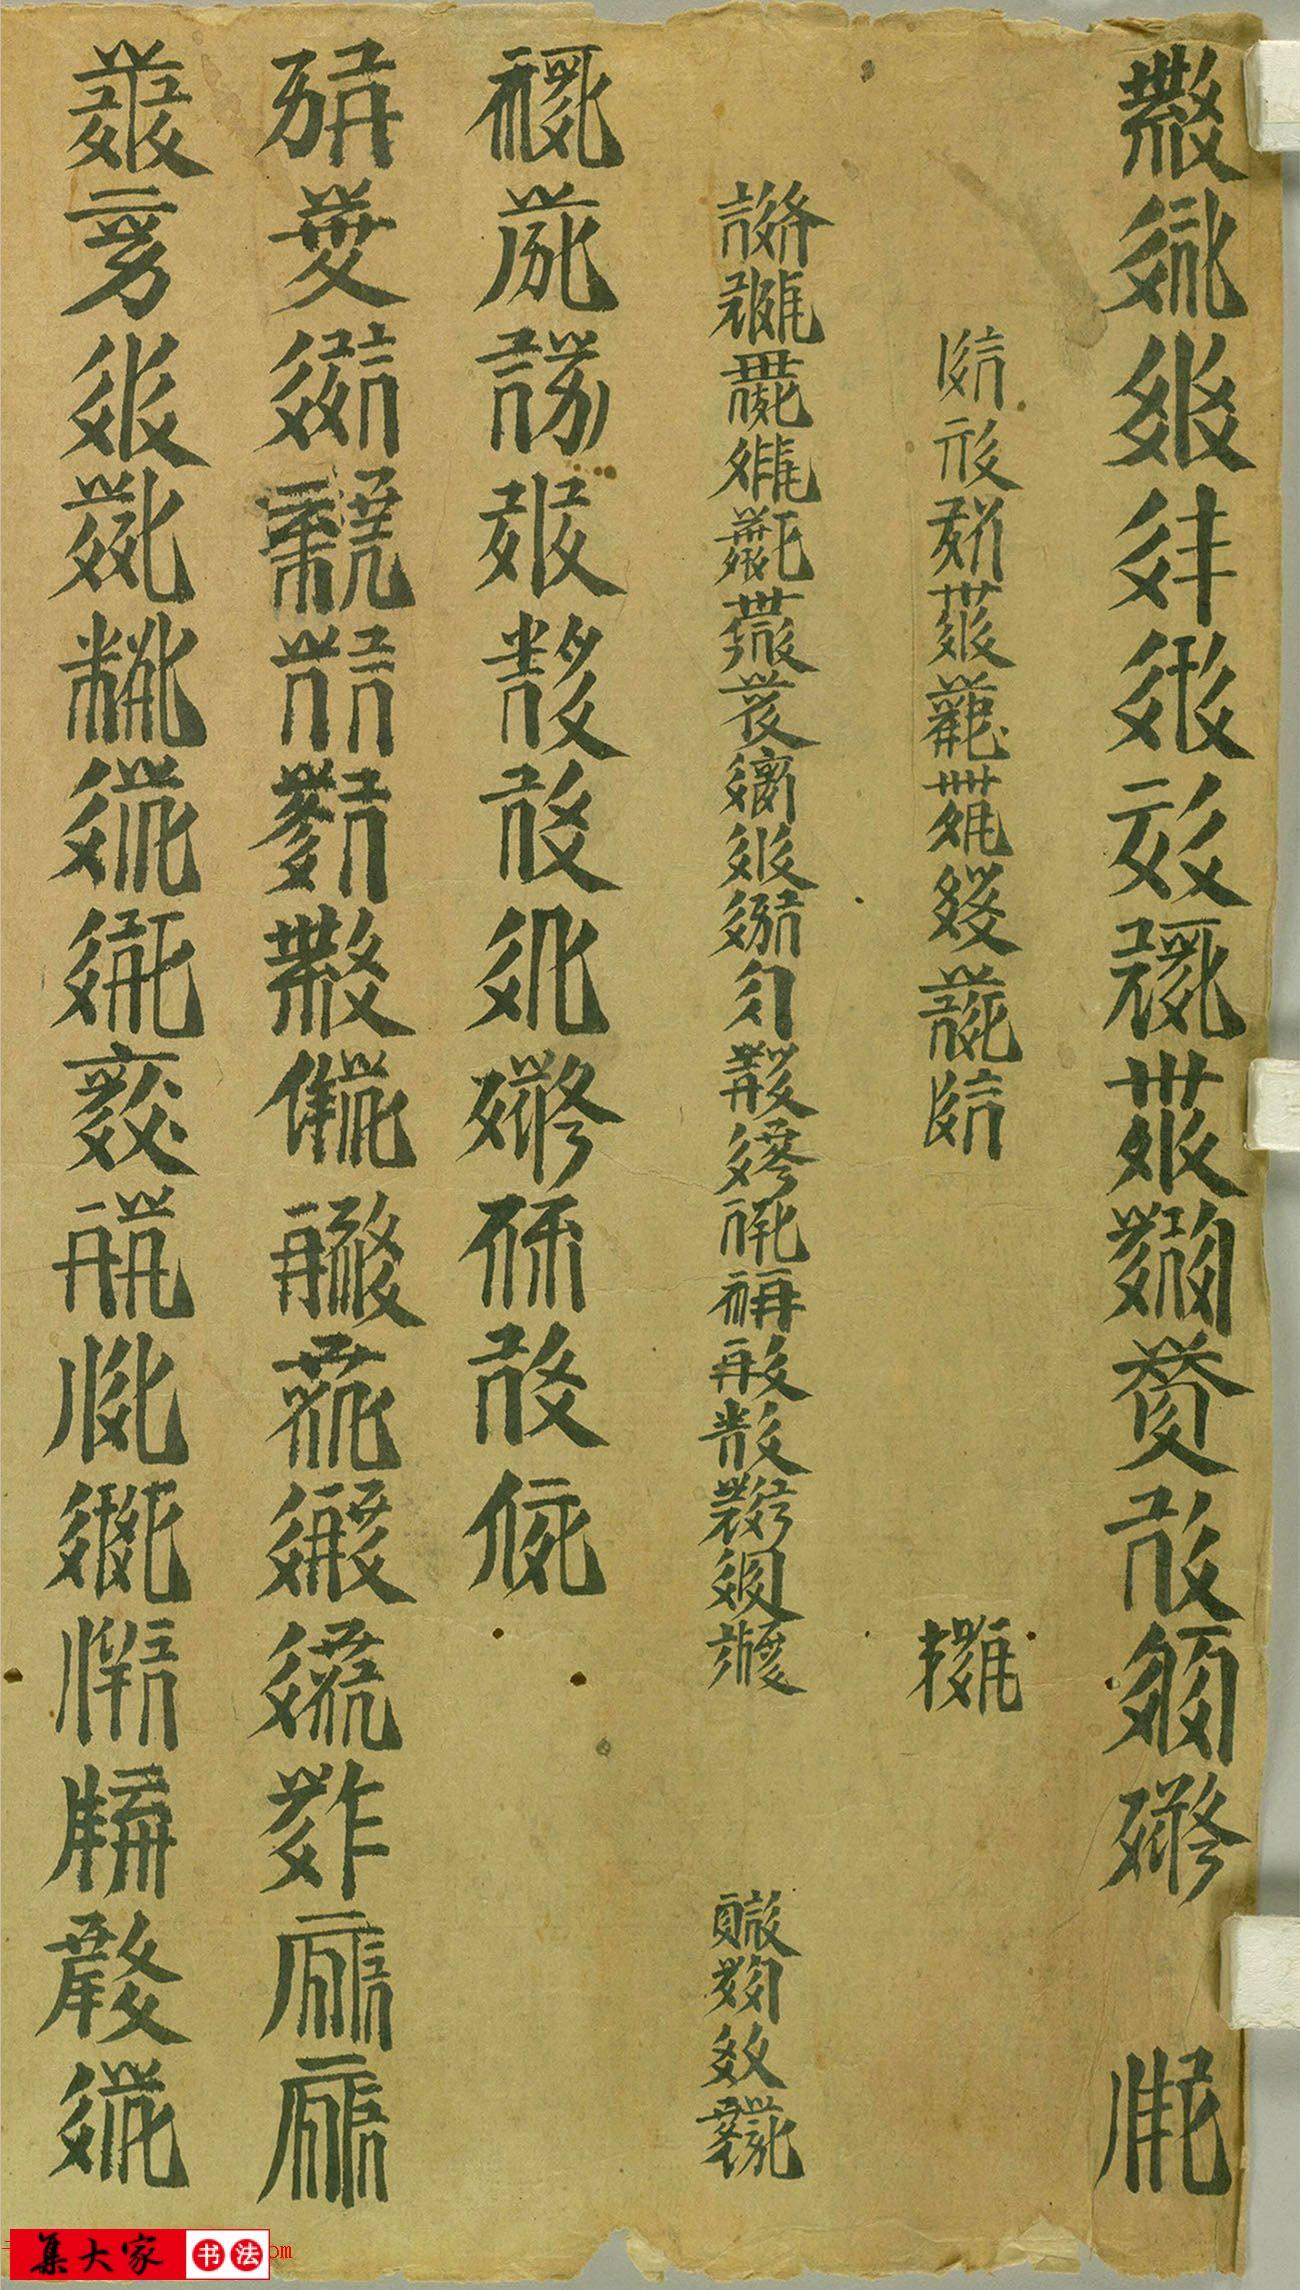 敦煌遗书《西夏文字写经卷》